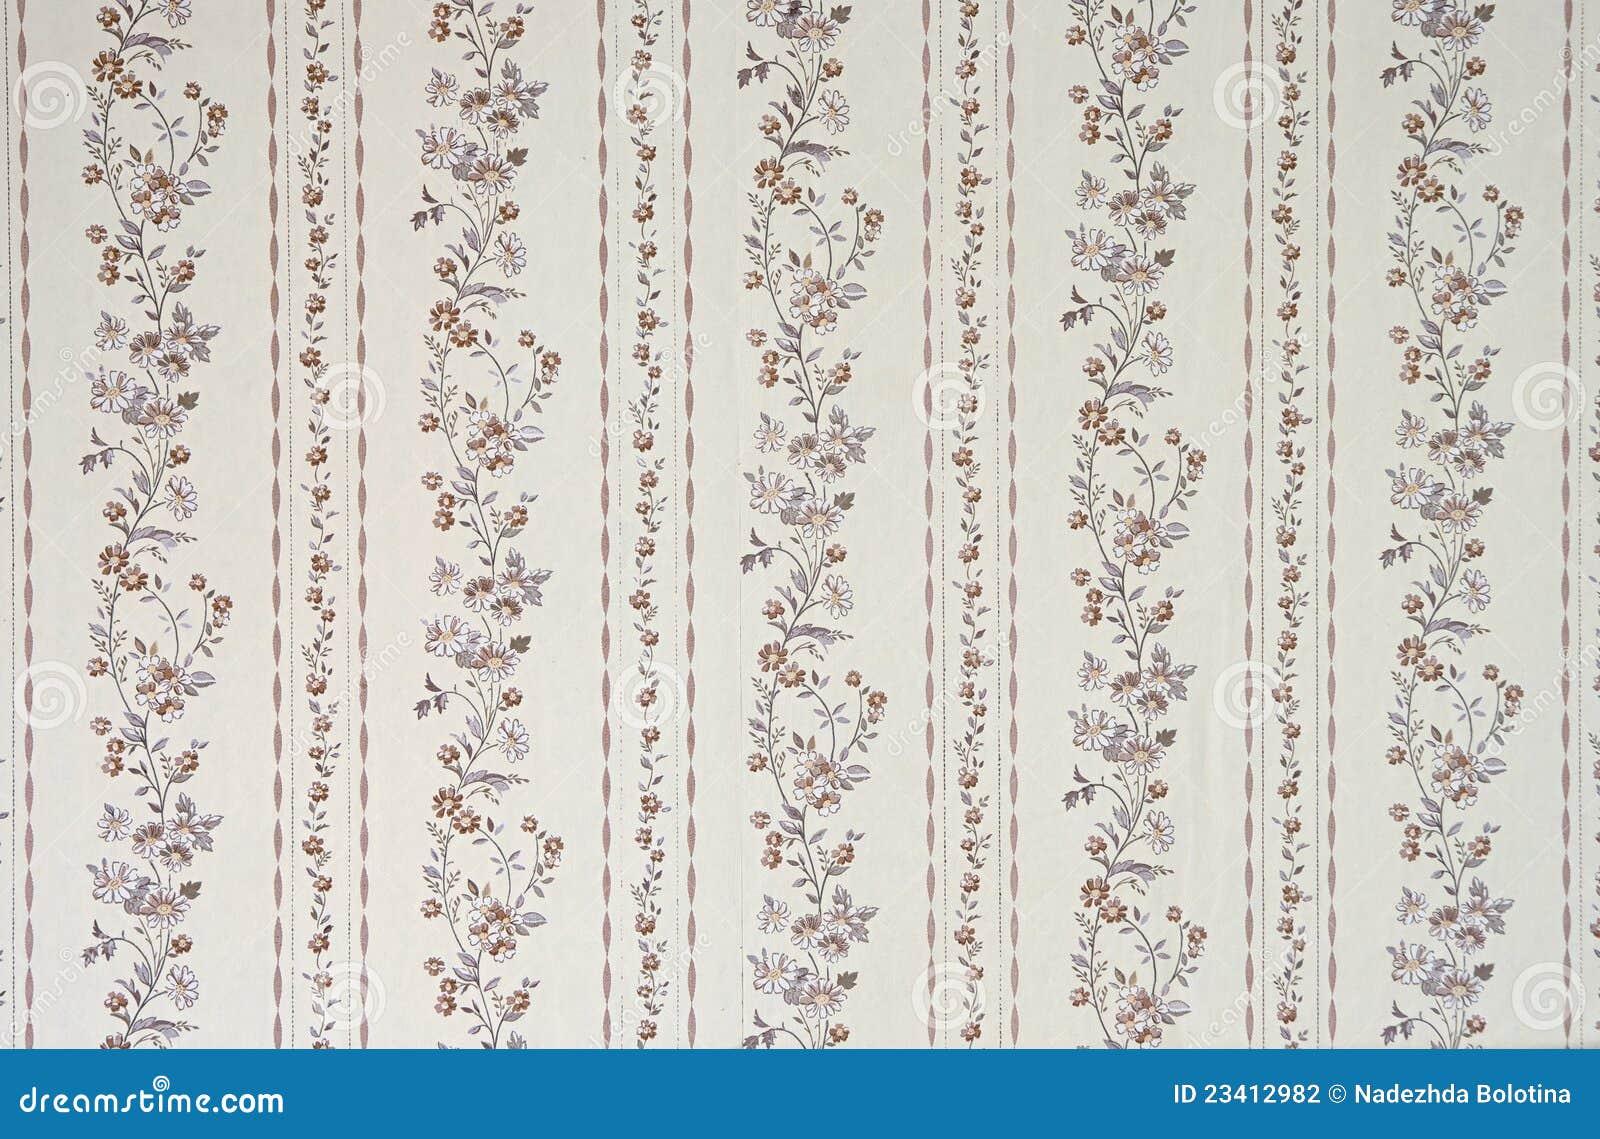 alte tapete stockfoto. bild von dekor, auslegung, floral - 23412982